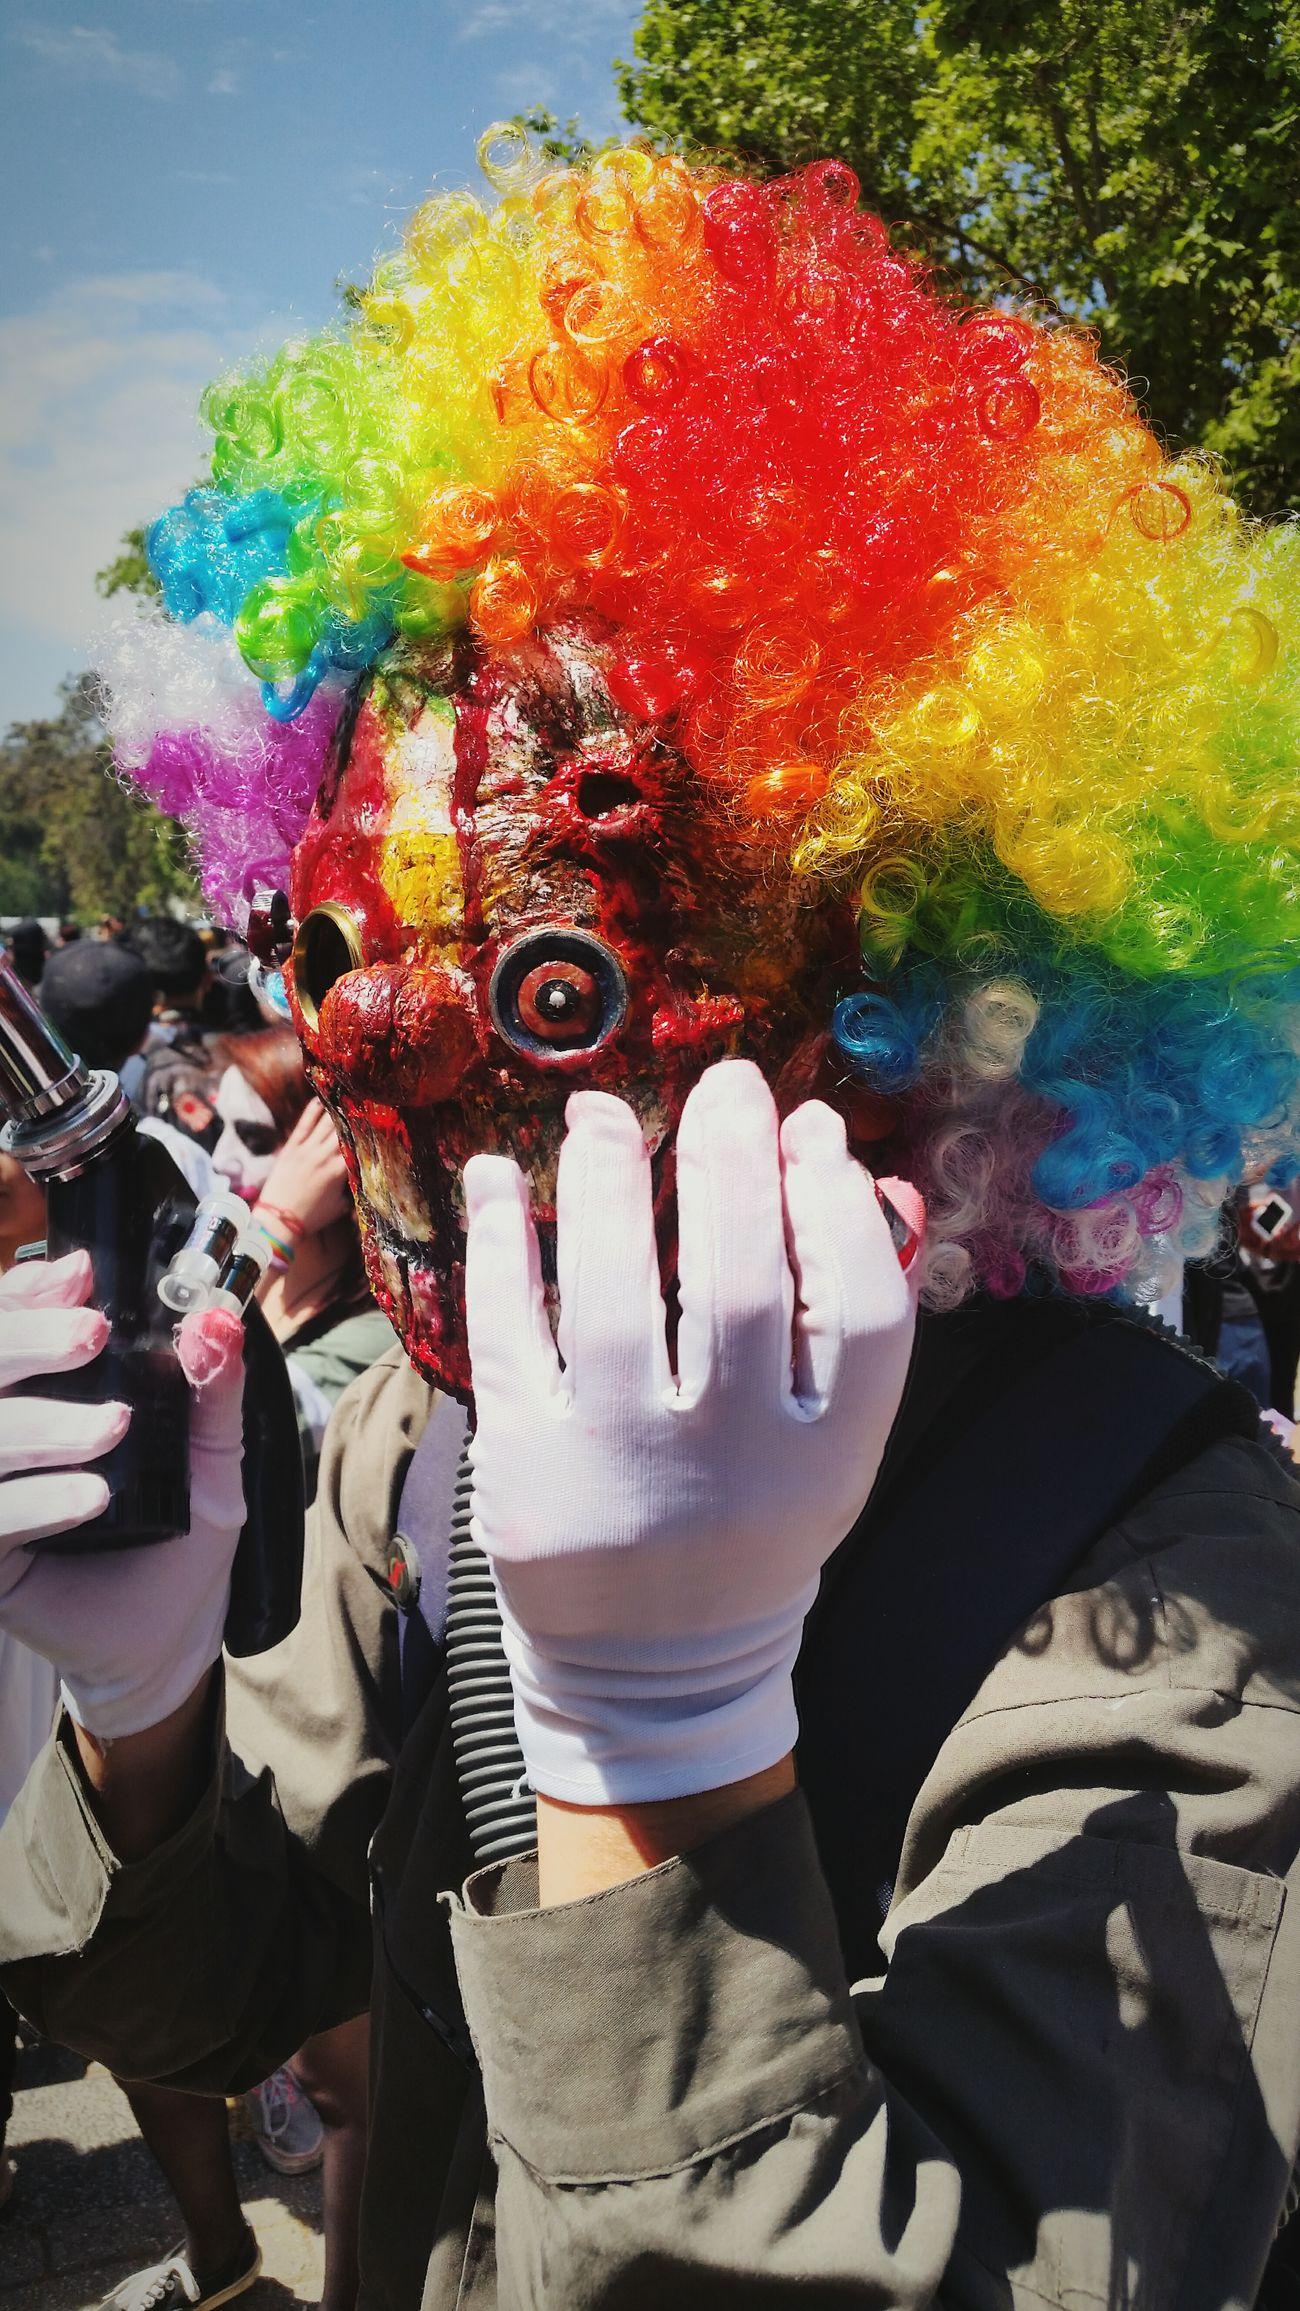 Zombie clown Zombiewalk  Zombieclown Makeupartist Wig Clown Amateurphotography Amateurphotographer  SamsungGalaxyS5 Colorful Santiago De Chile